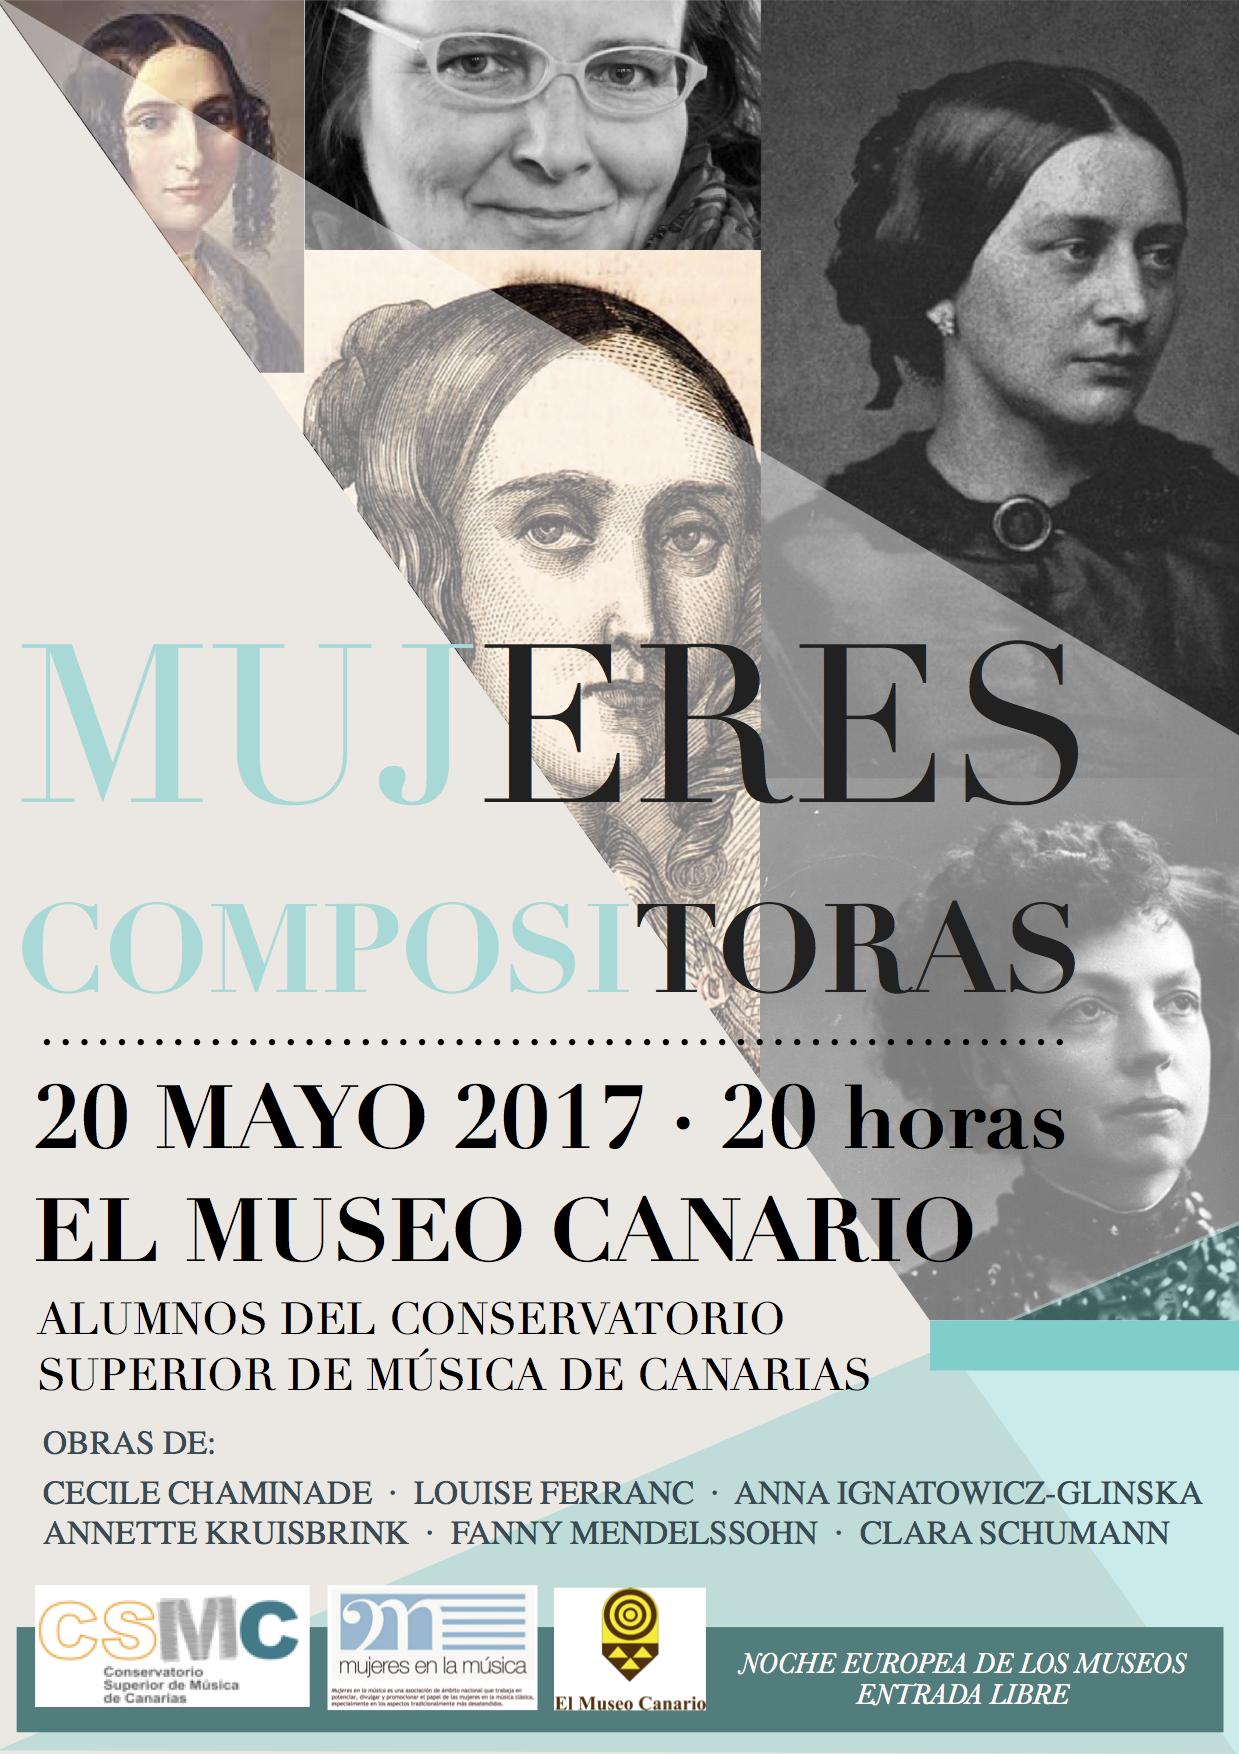 Música de Mujeres en las aulas: C.S.M. de Canarias @ Museo Canario | Las Palmas de Gran Canaria | Canarias | España